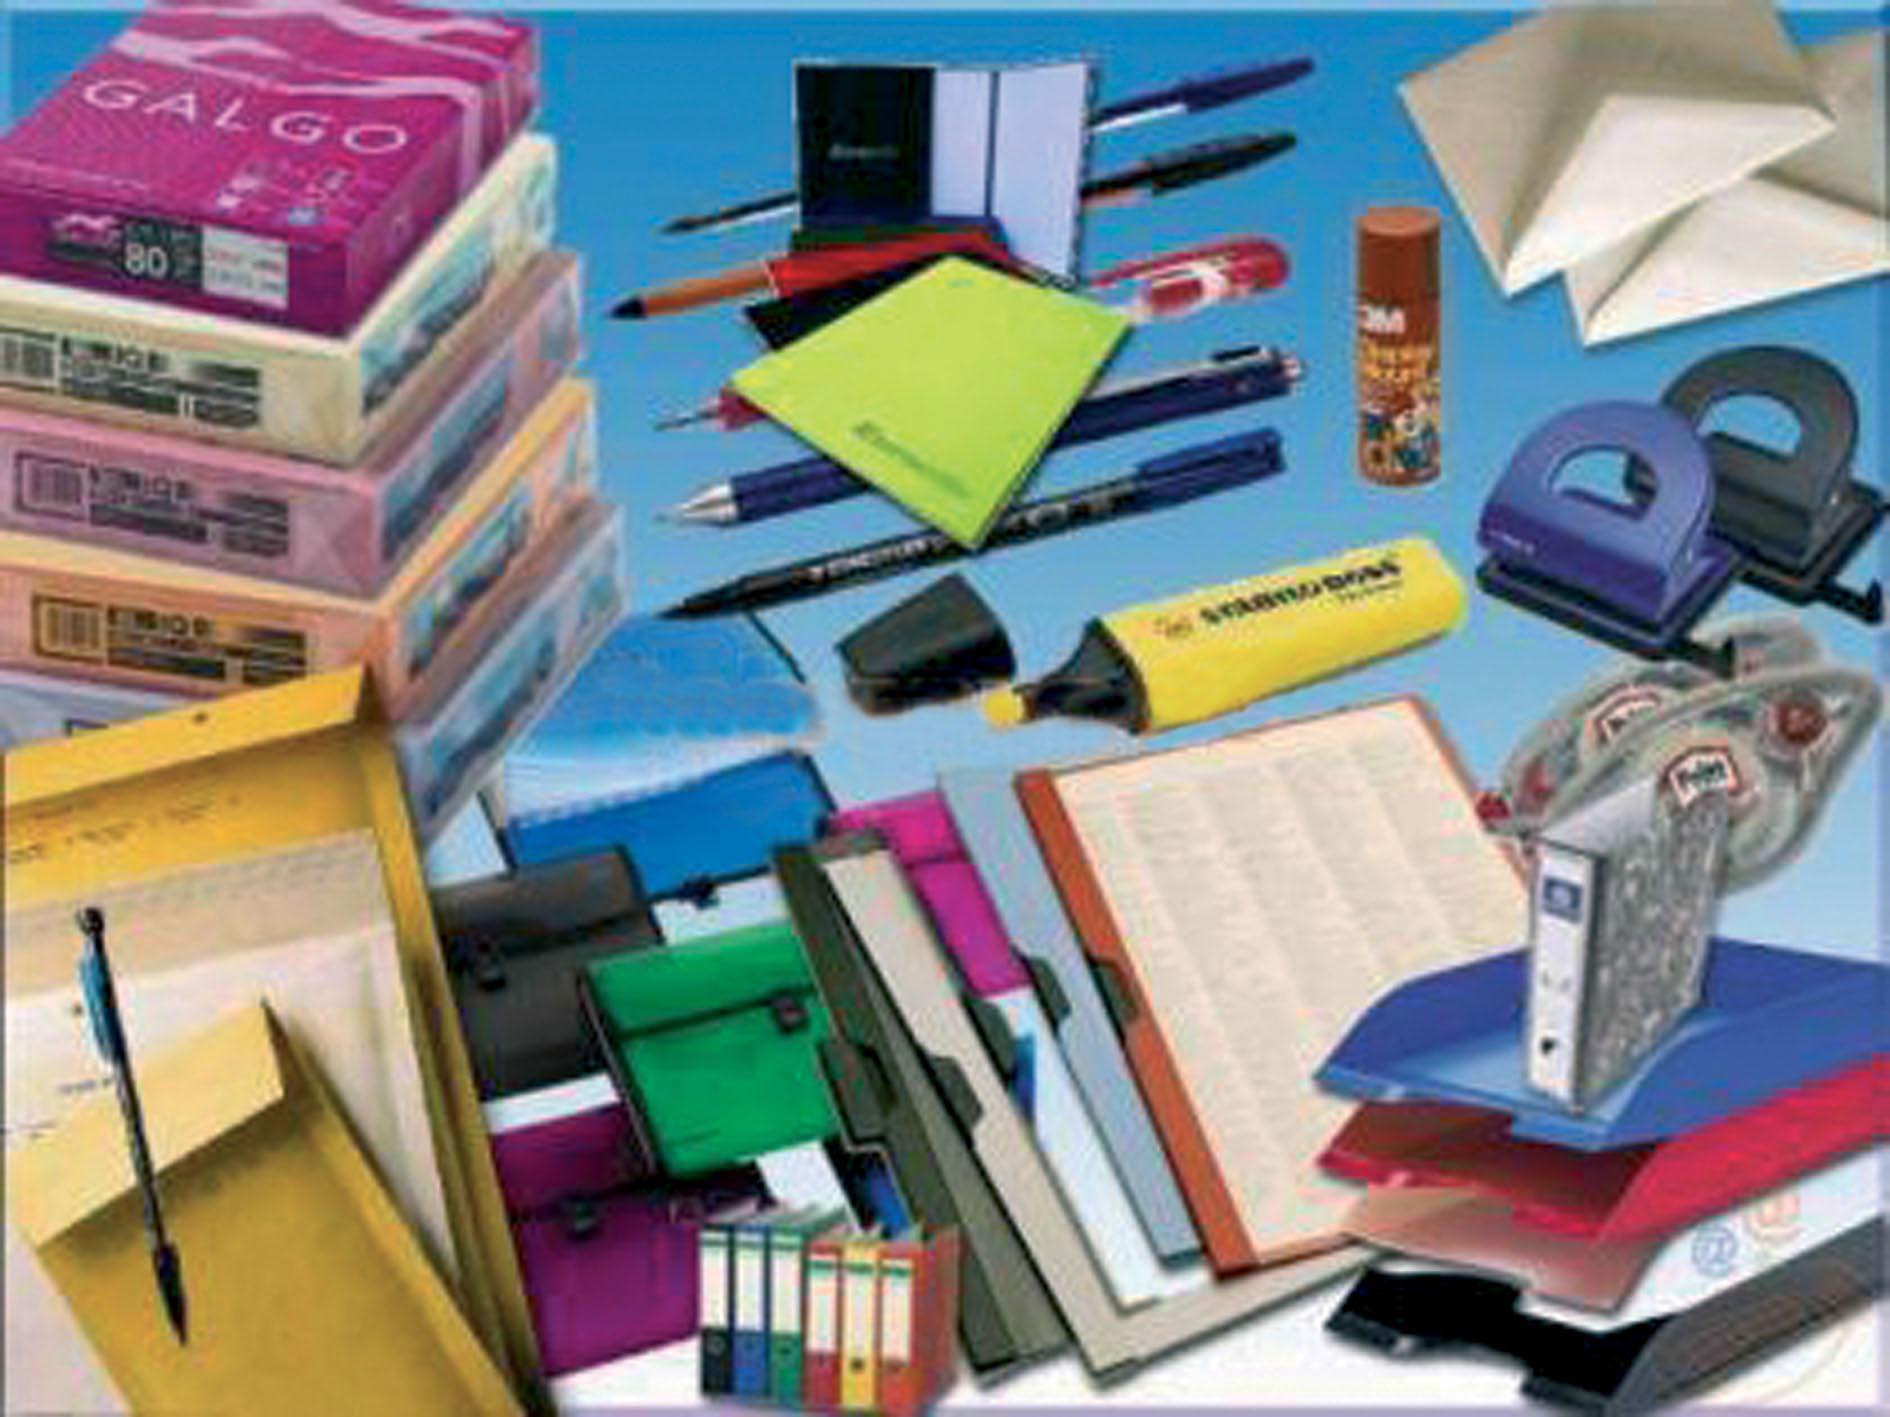 Abba office sas suministros para oficina bogota for Suministros de papeleria para oficina